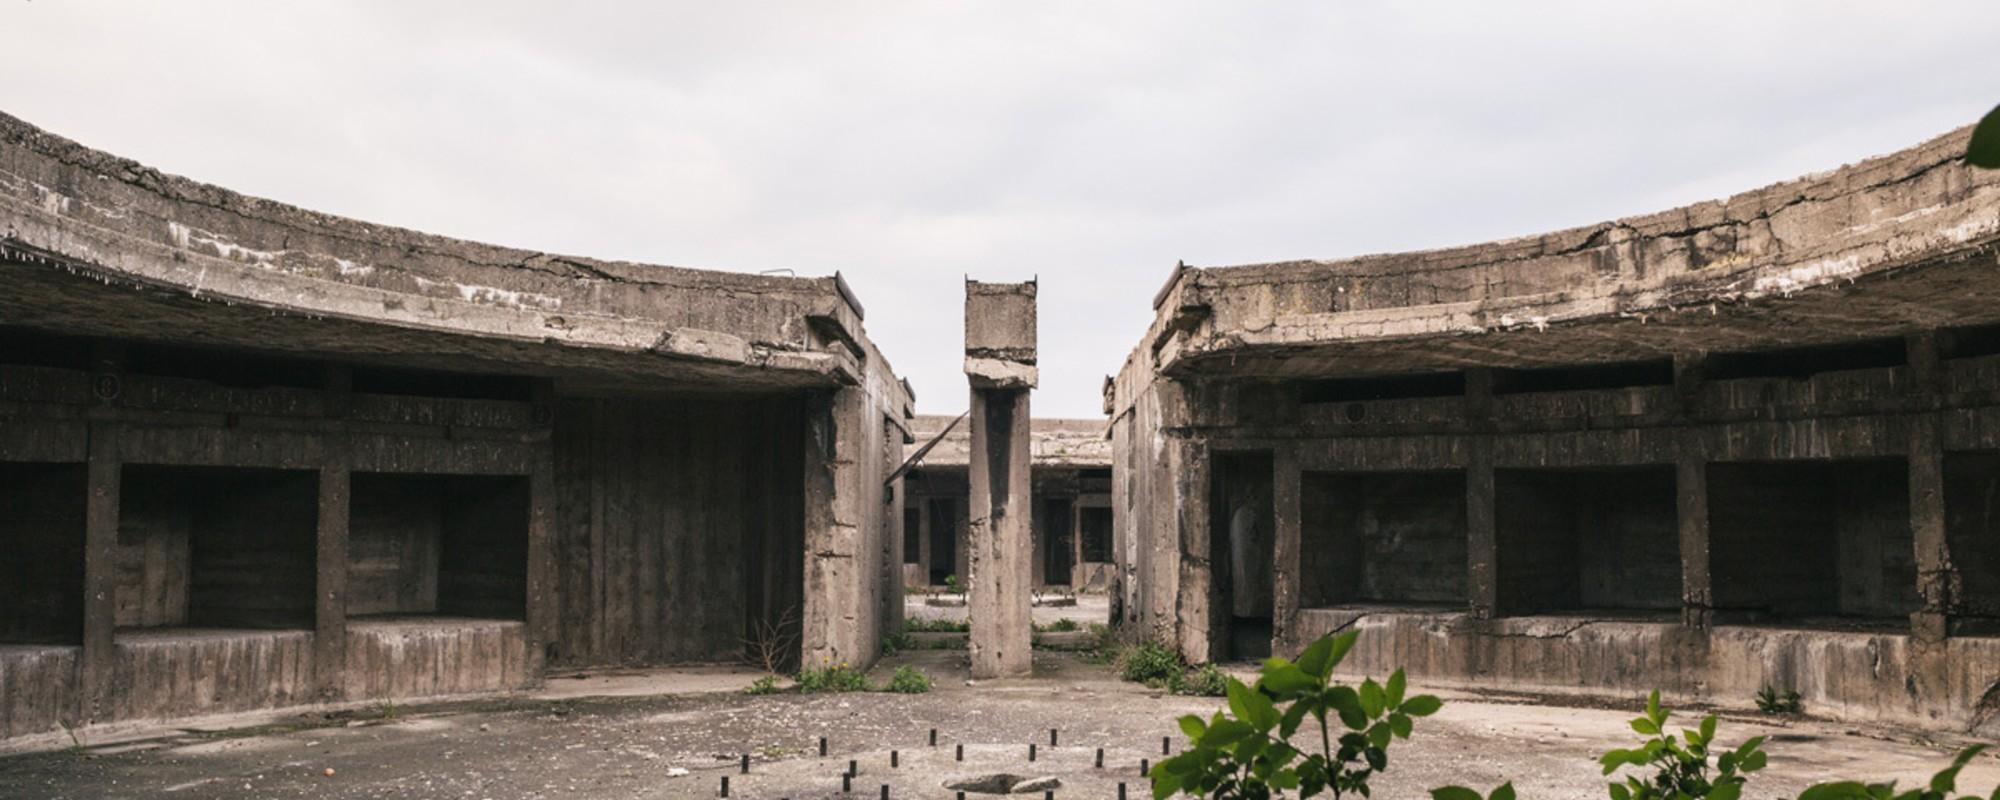 Fotos aus dem Inneren eines Wiener Flakturms